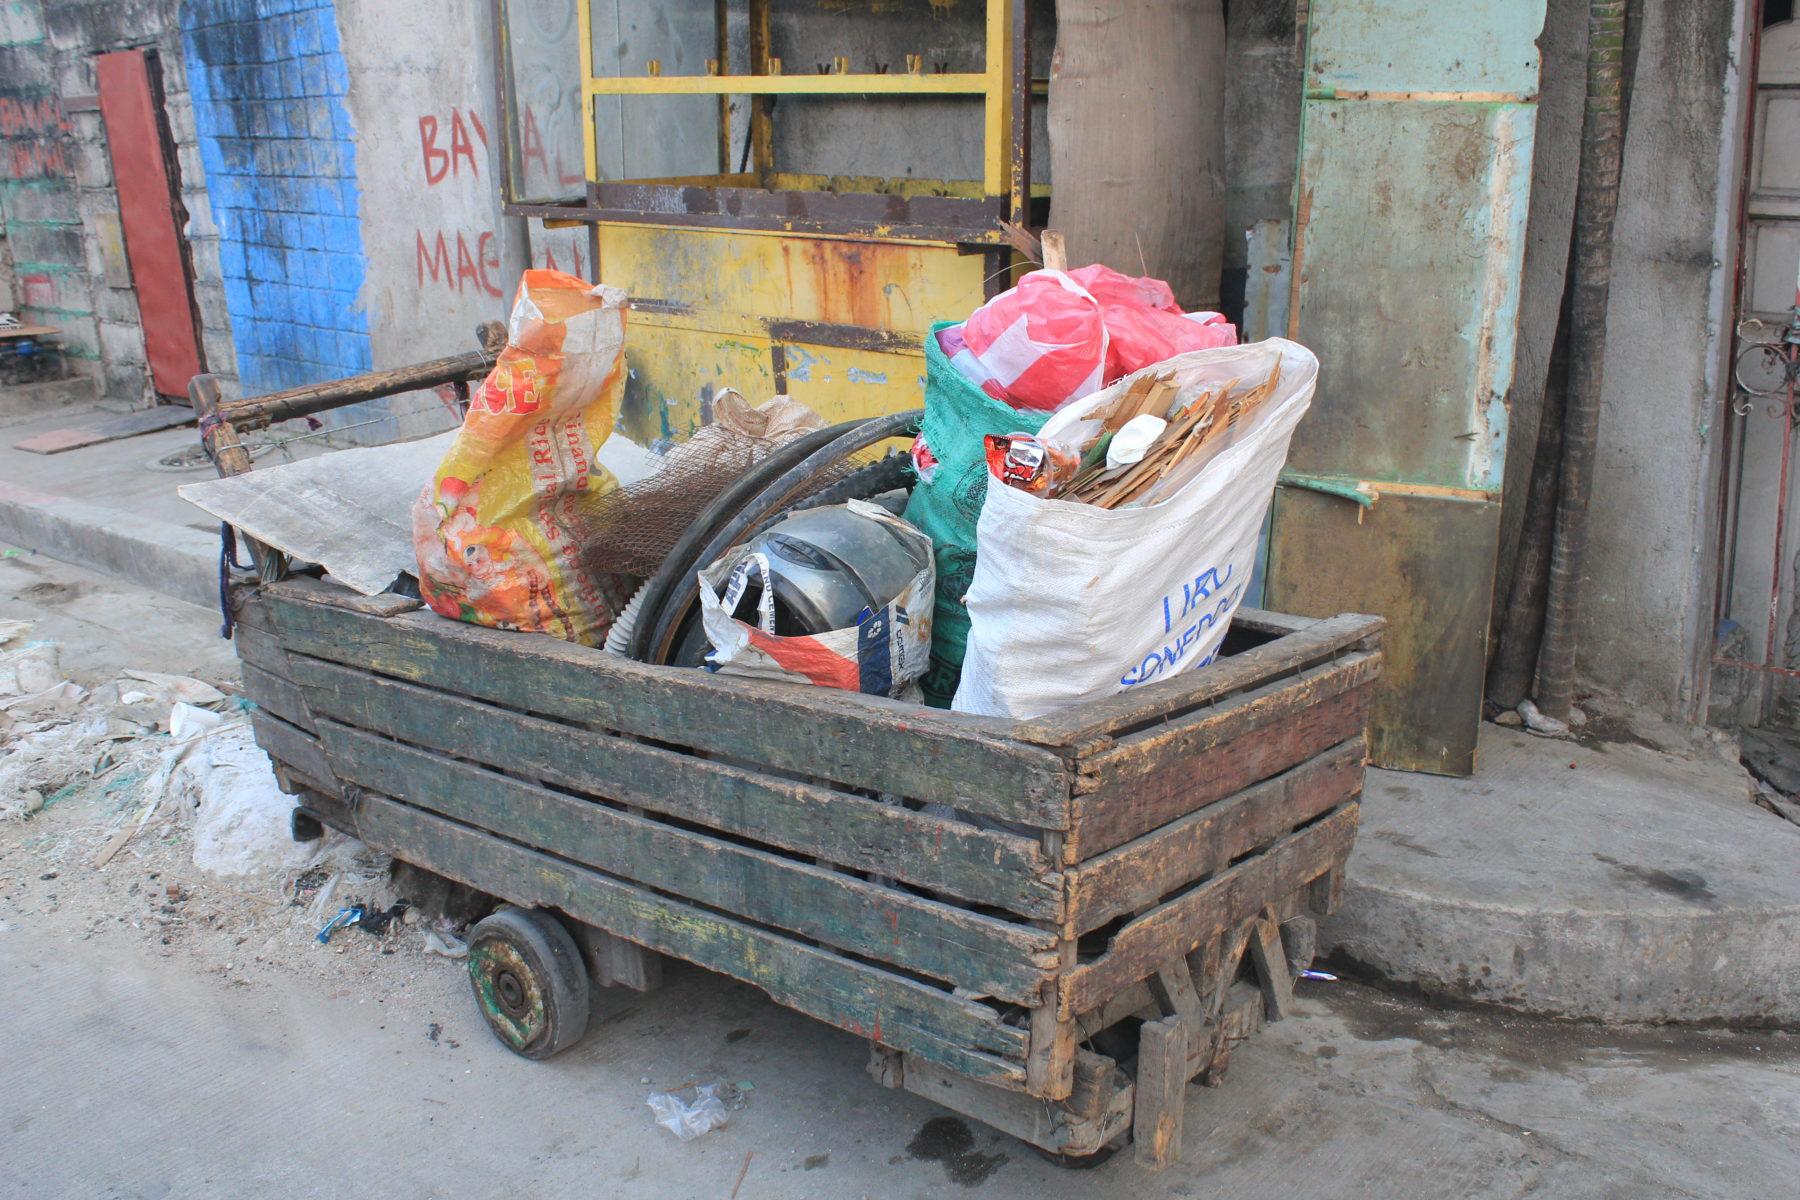 Handkarren von Müllsammler*innen im Baseco Compound © Mirjam Overhoff